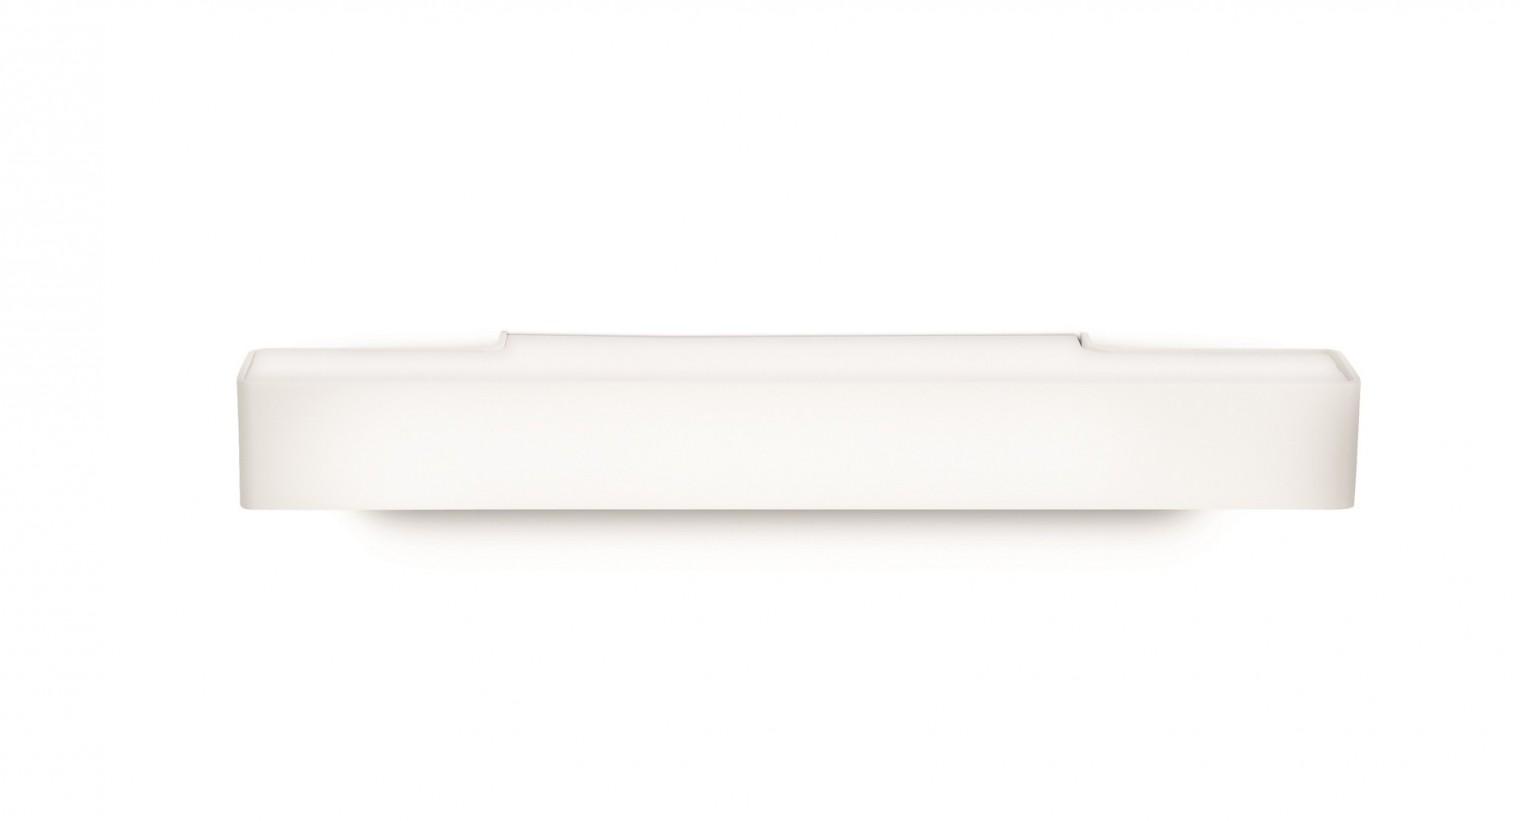 Palermo - Nástenné osvetlenie 2G11, 51cm (biela)